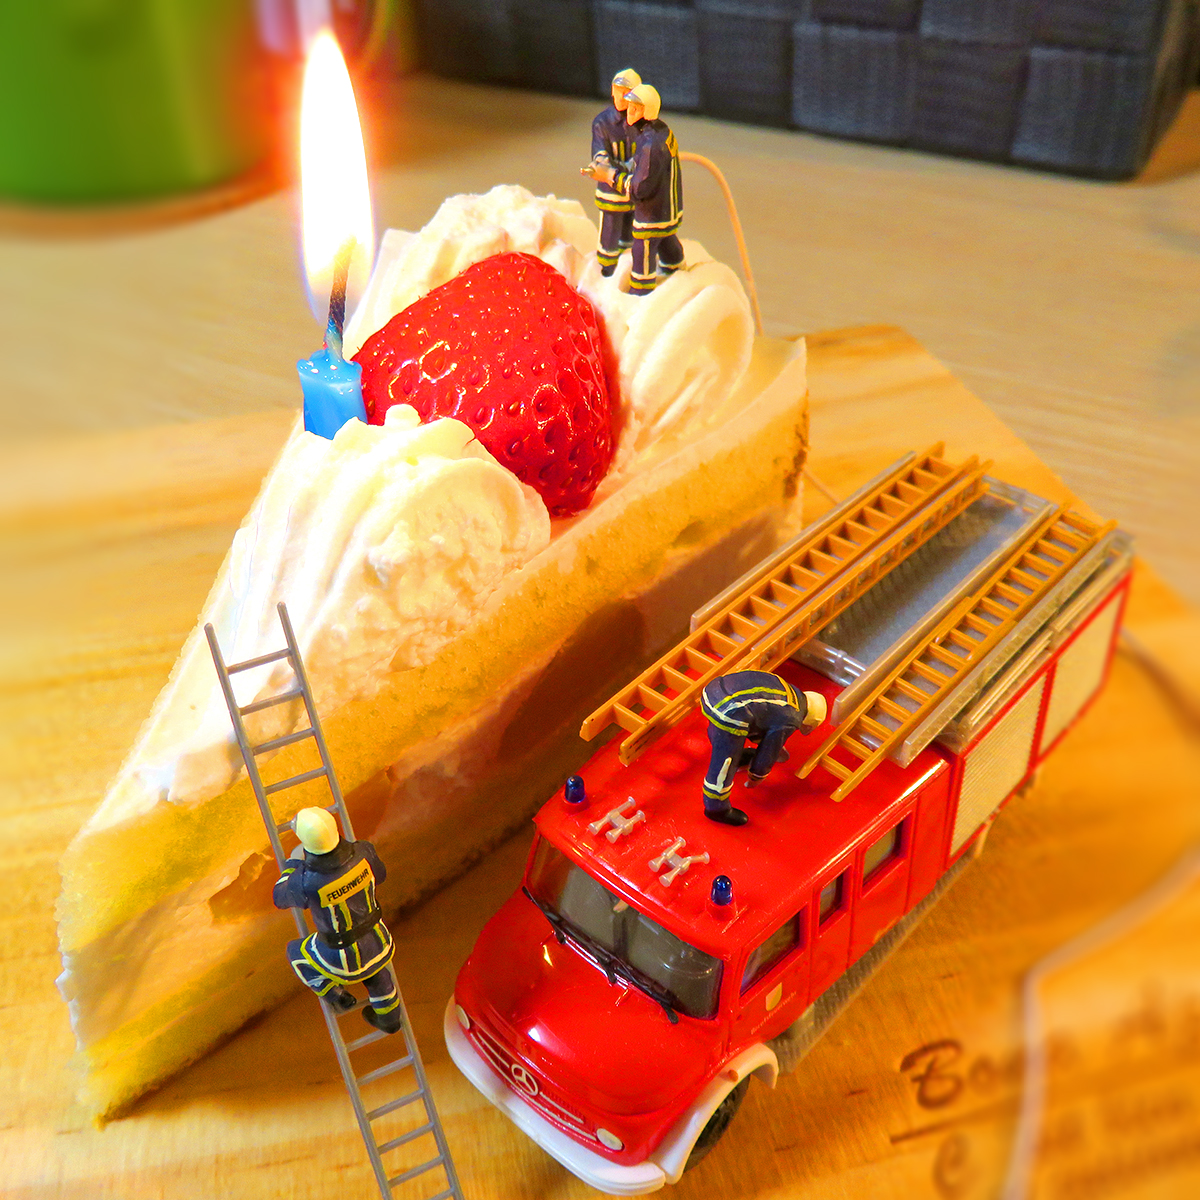 3月7日は消防記念日!ショートケーキに刺さった蝋燭の火を消す消防隊員